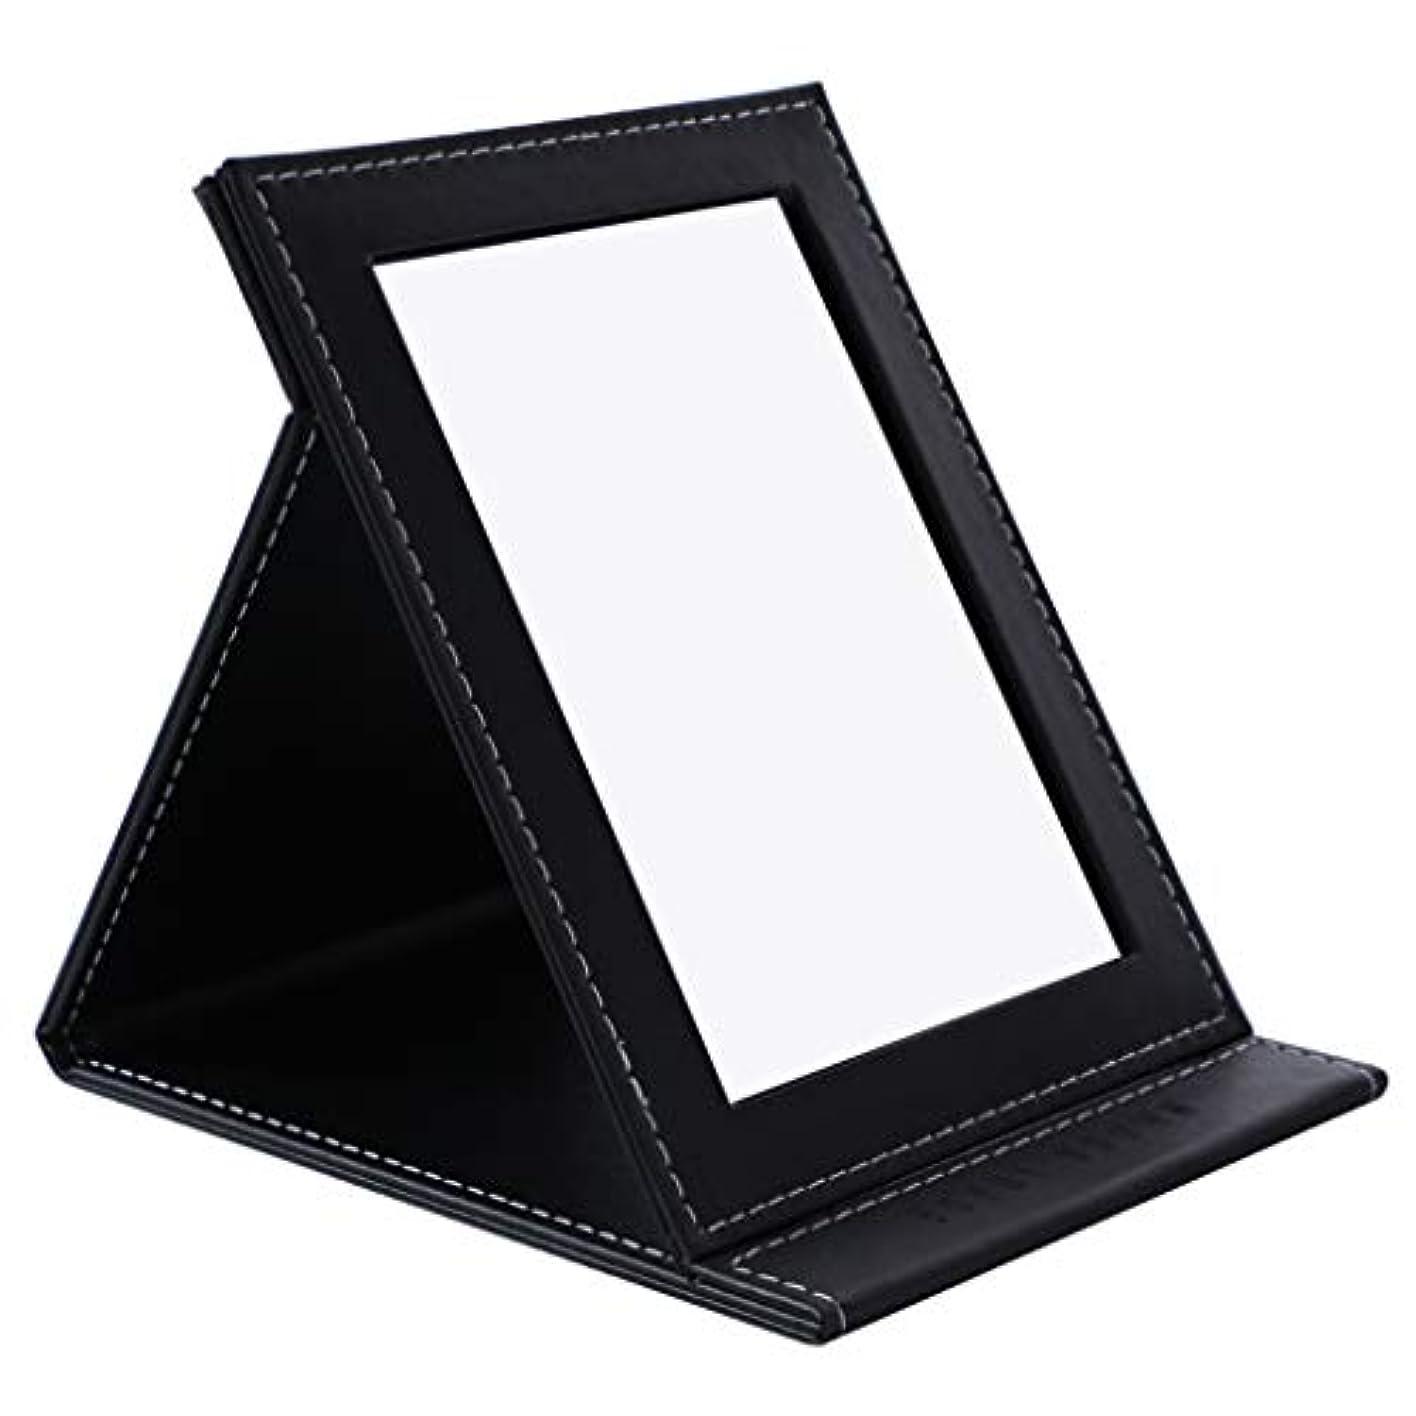 模索問い合わせる受取人デスクトップの虚栄心ミラーHD折りたたみミラー卓上化粧鏡ポータブル用女の子学生女性,黒